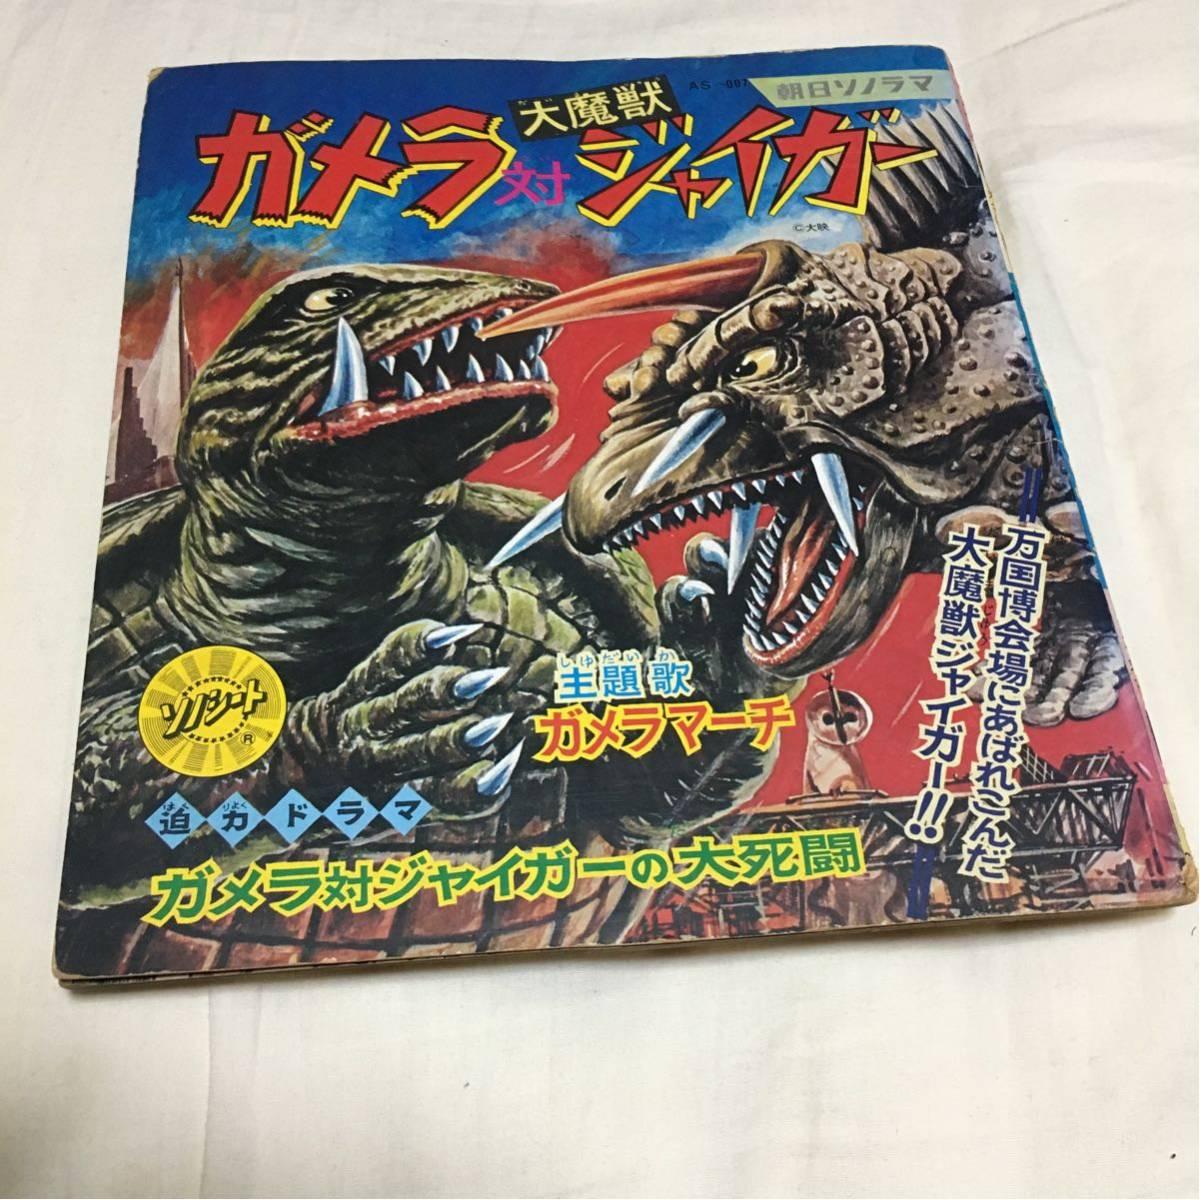 「大魔獣 ガメラ対ジャイガー」 朝日ソノラマ ソノシート_画像1